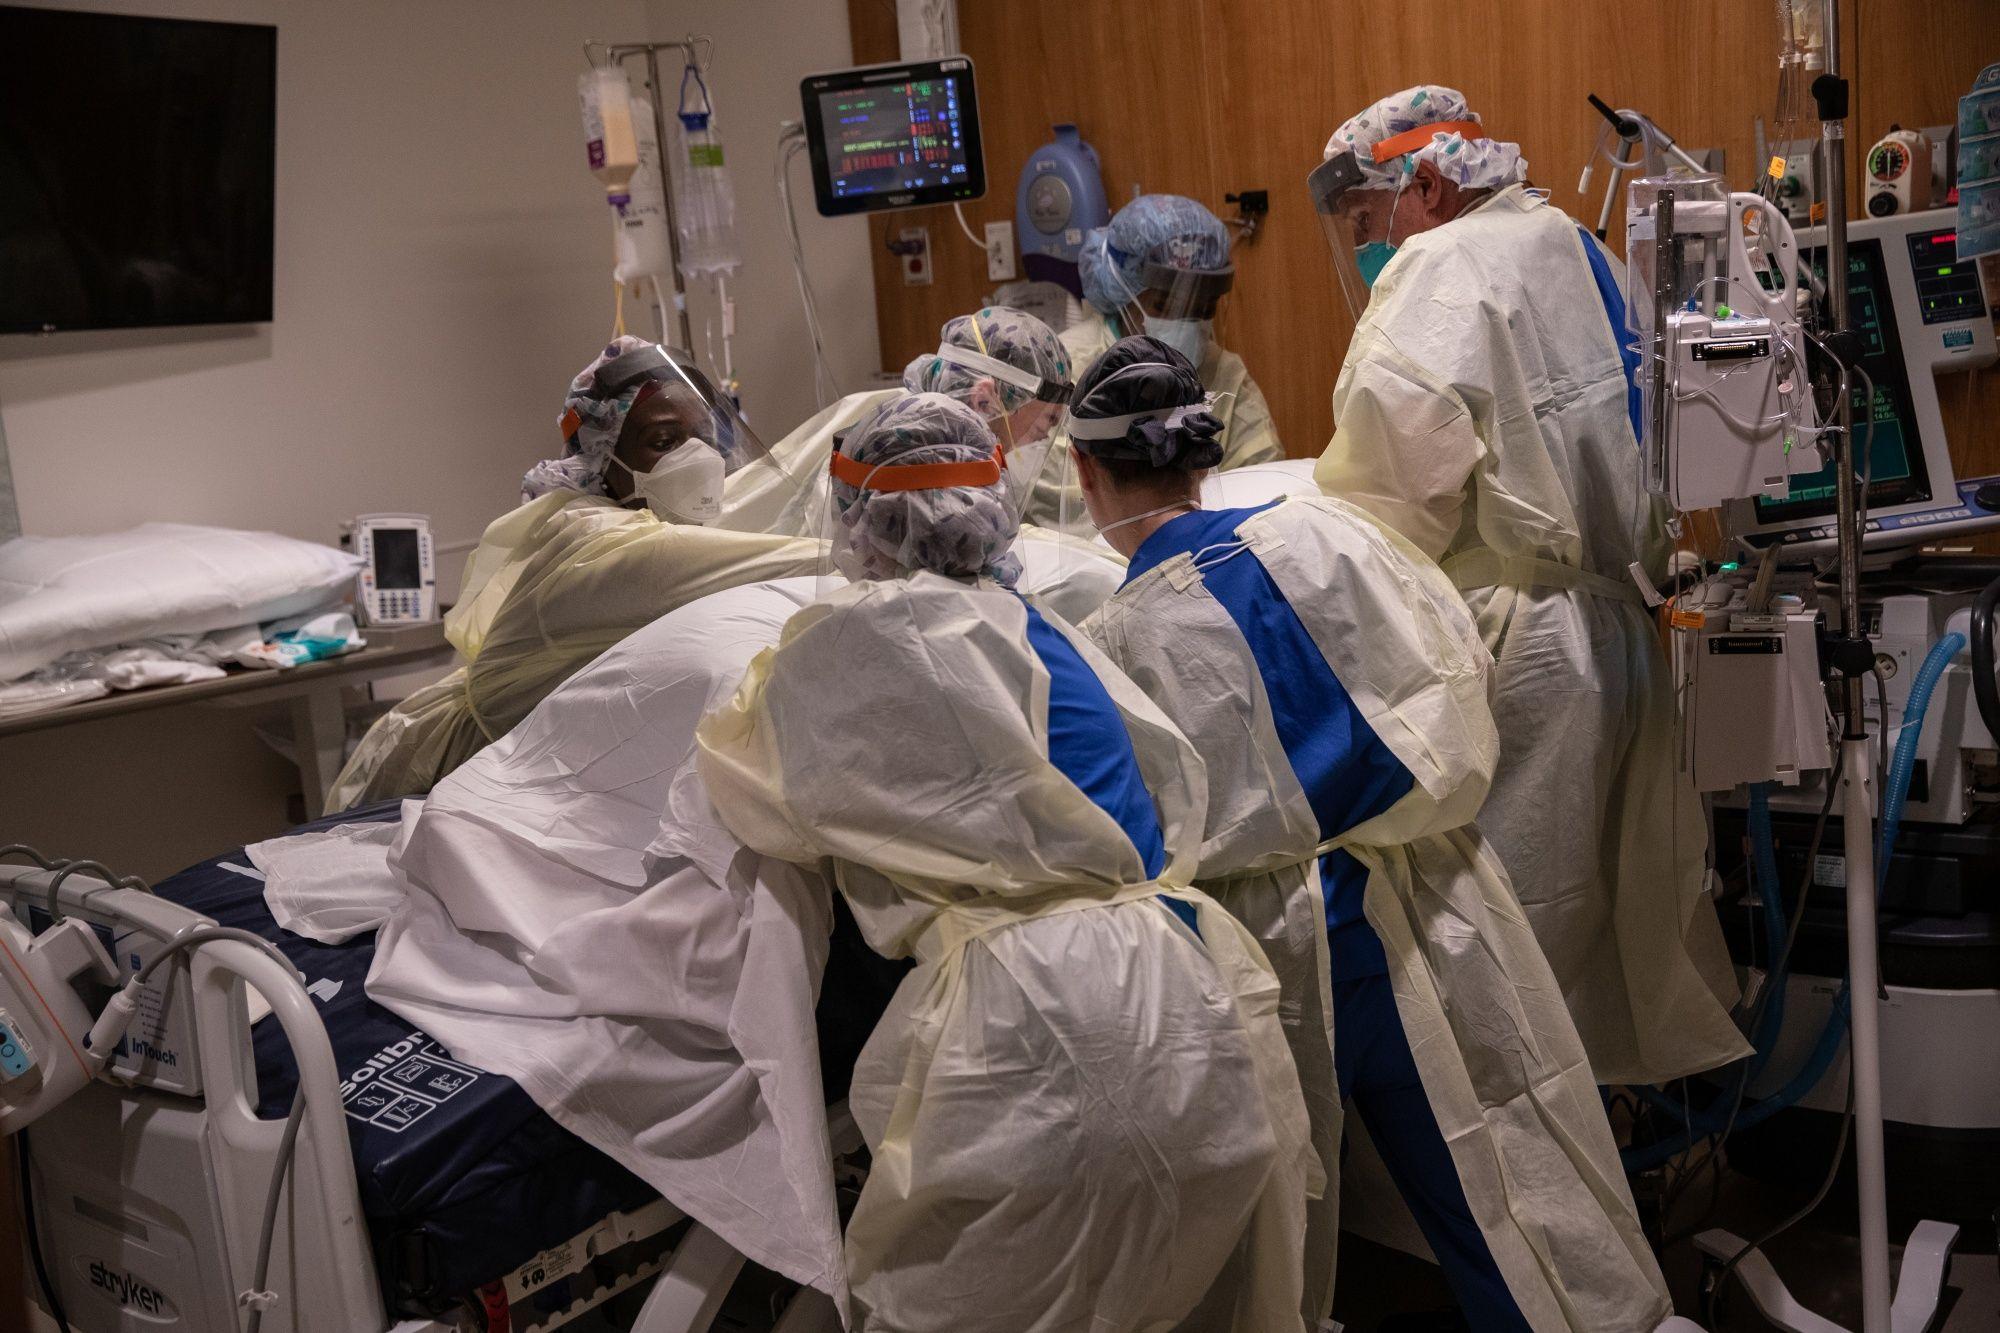 Los profesionales médicos atienden a un paciente con coronavirus en un hospital de Stamford, Connecticut, el 24 de abril.